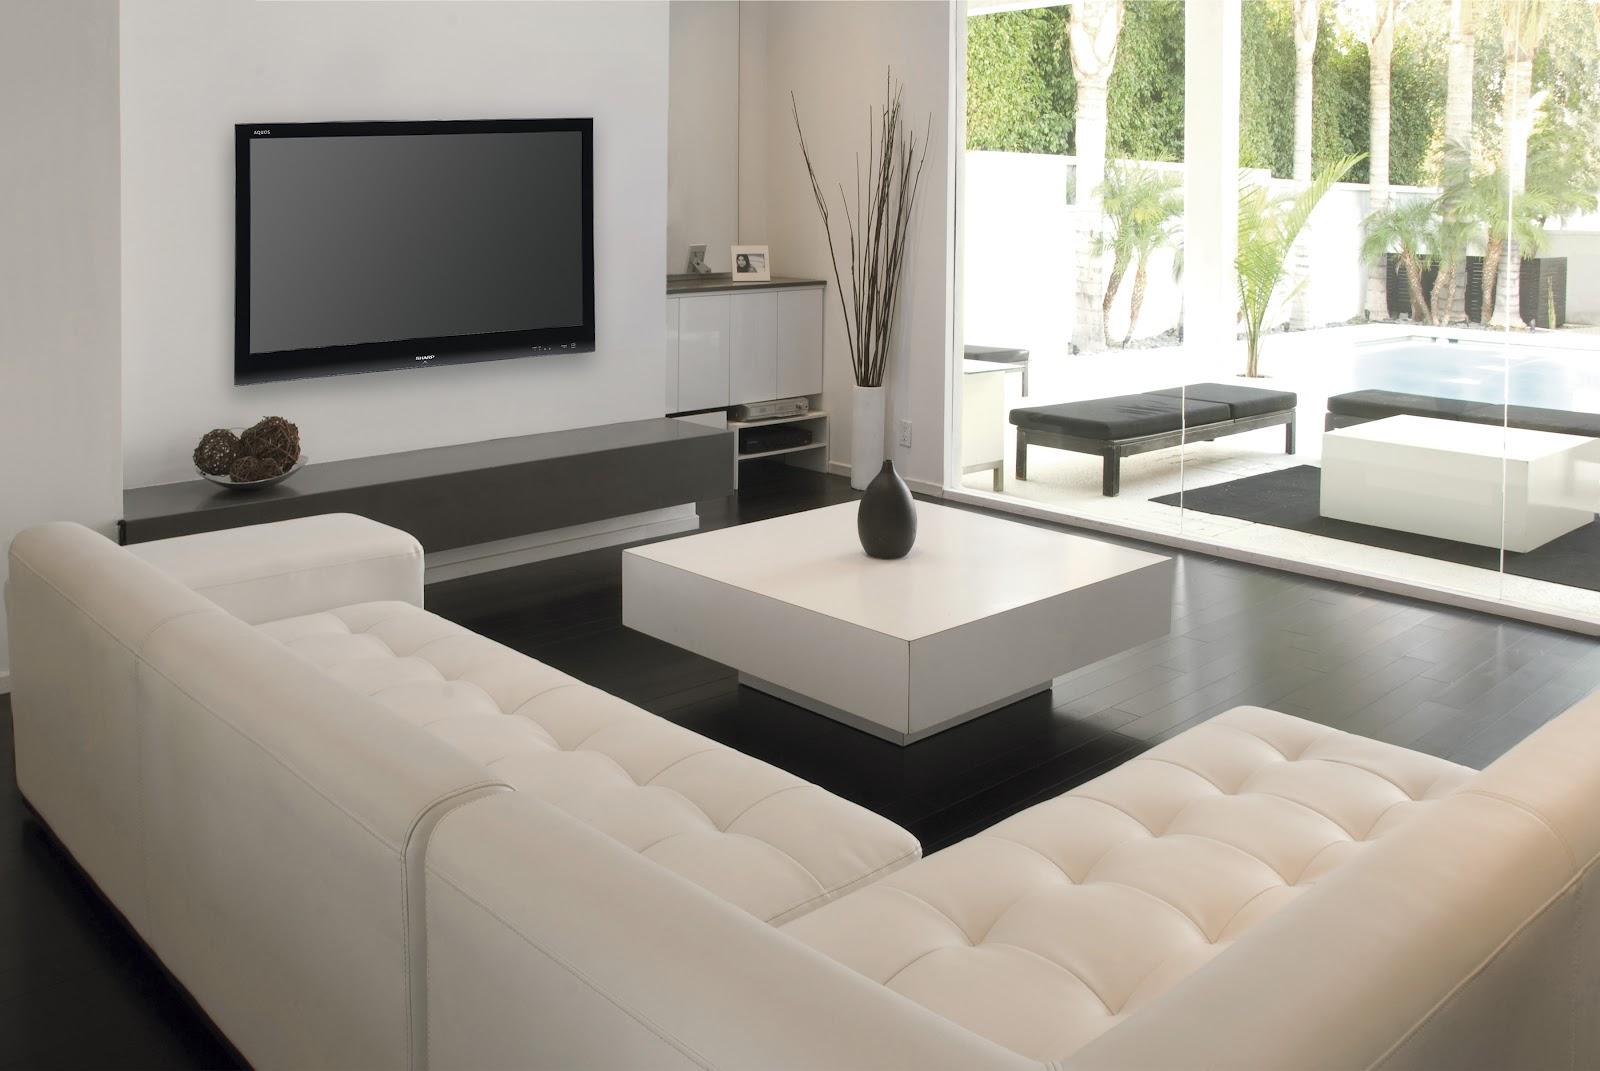 Sala de tv for Sofa para sala de tv